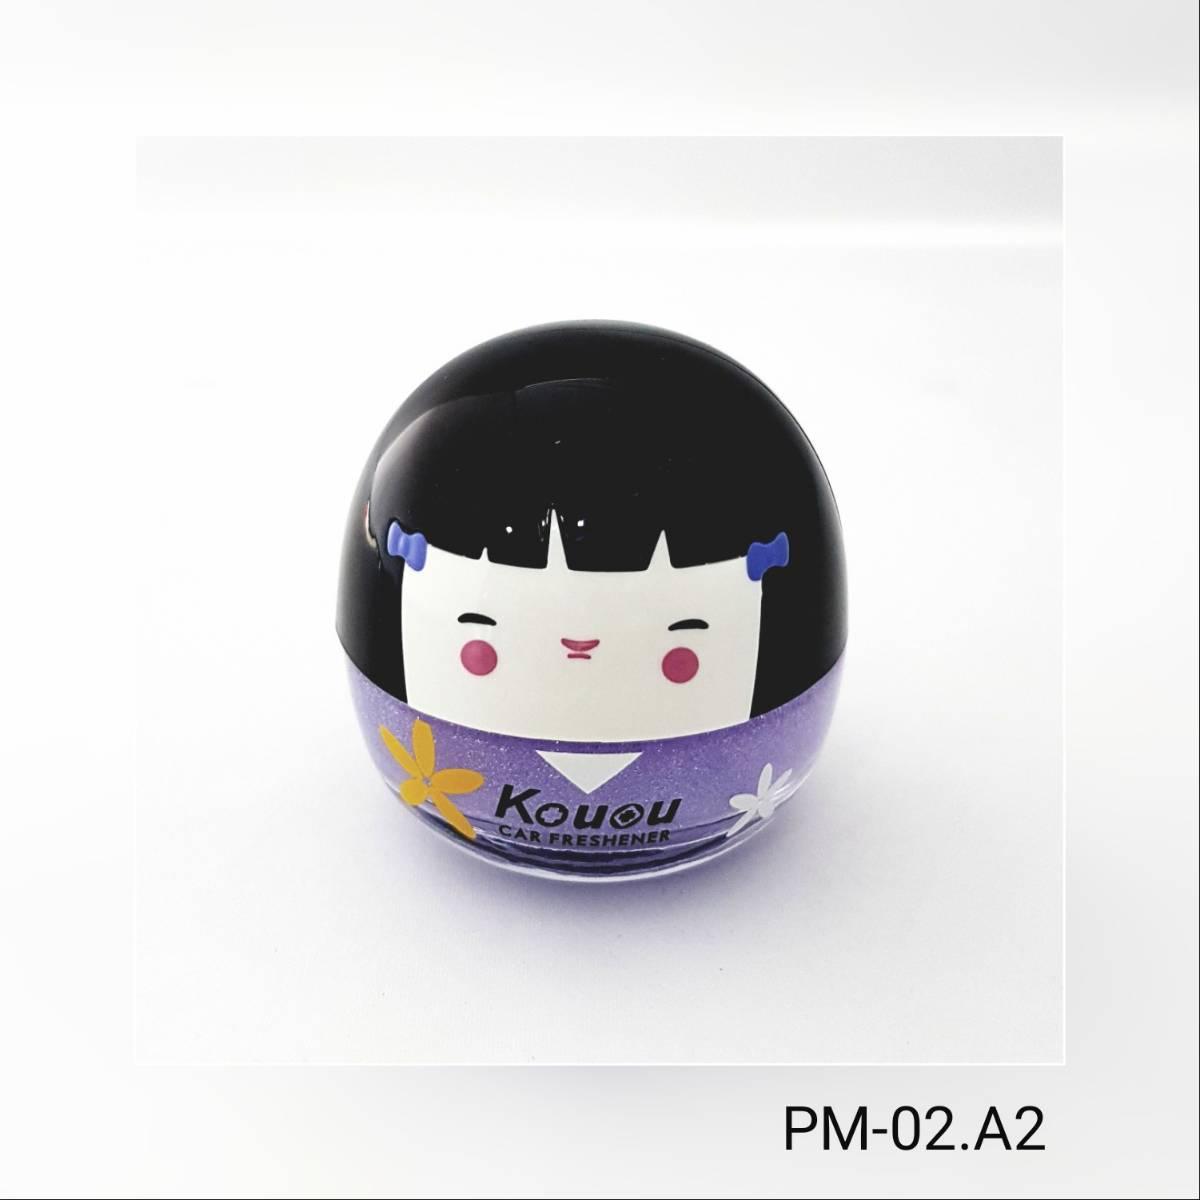 Parfum Mobil Boneka Jepang Kouou Pm-002/a2